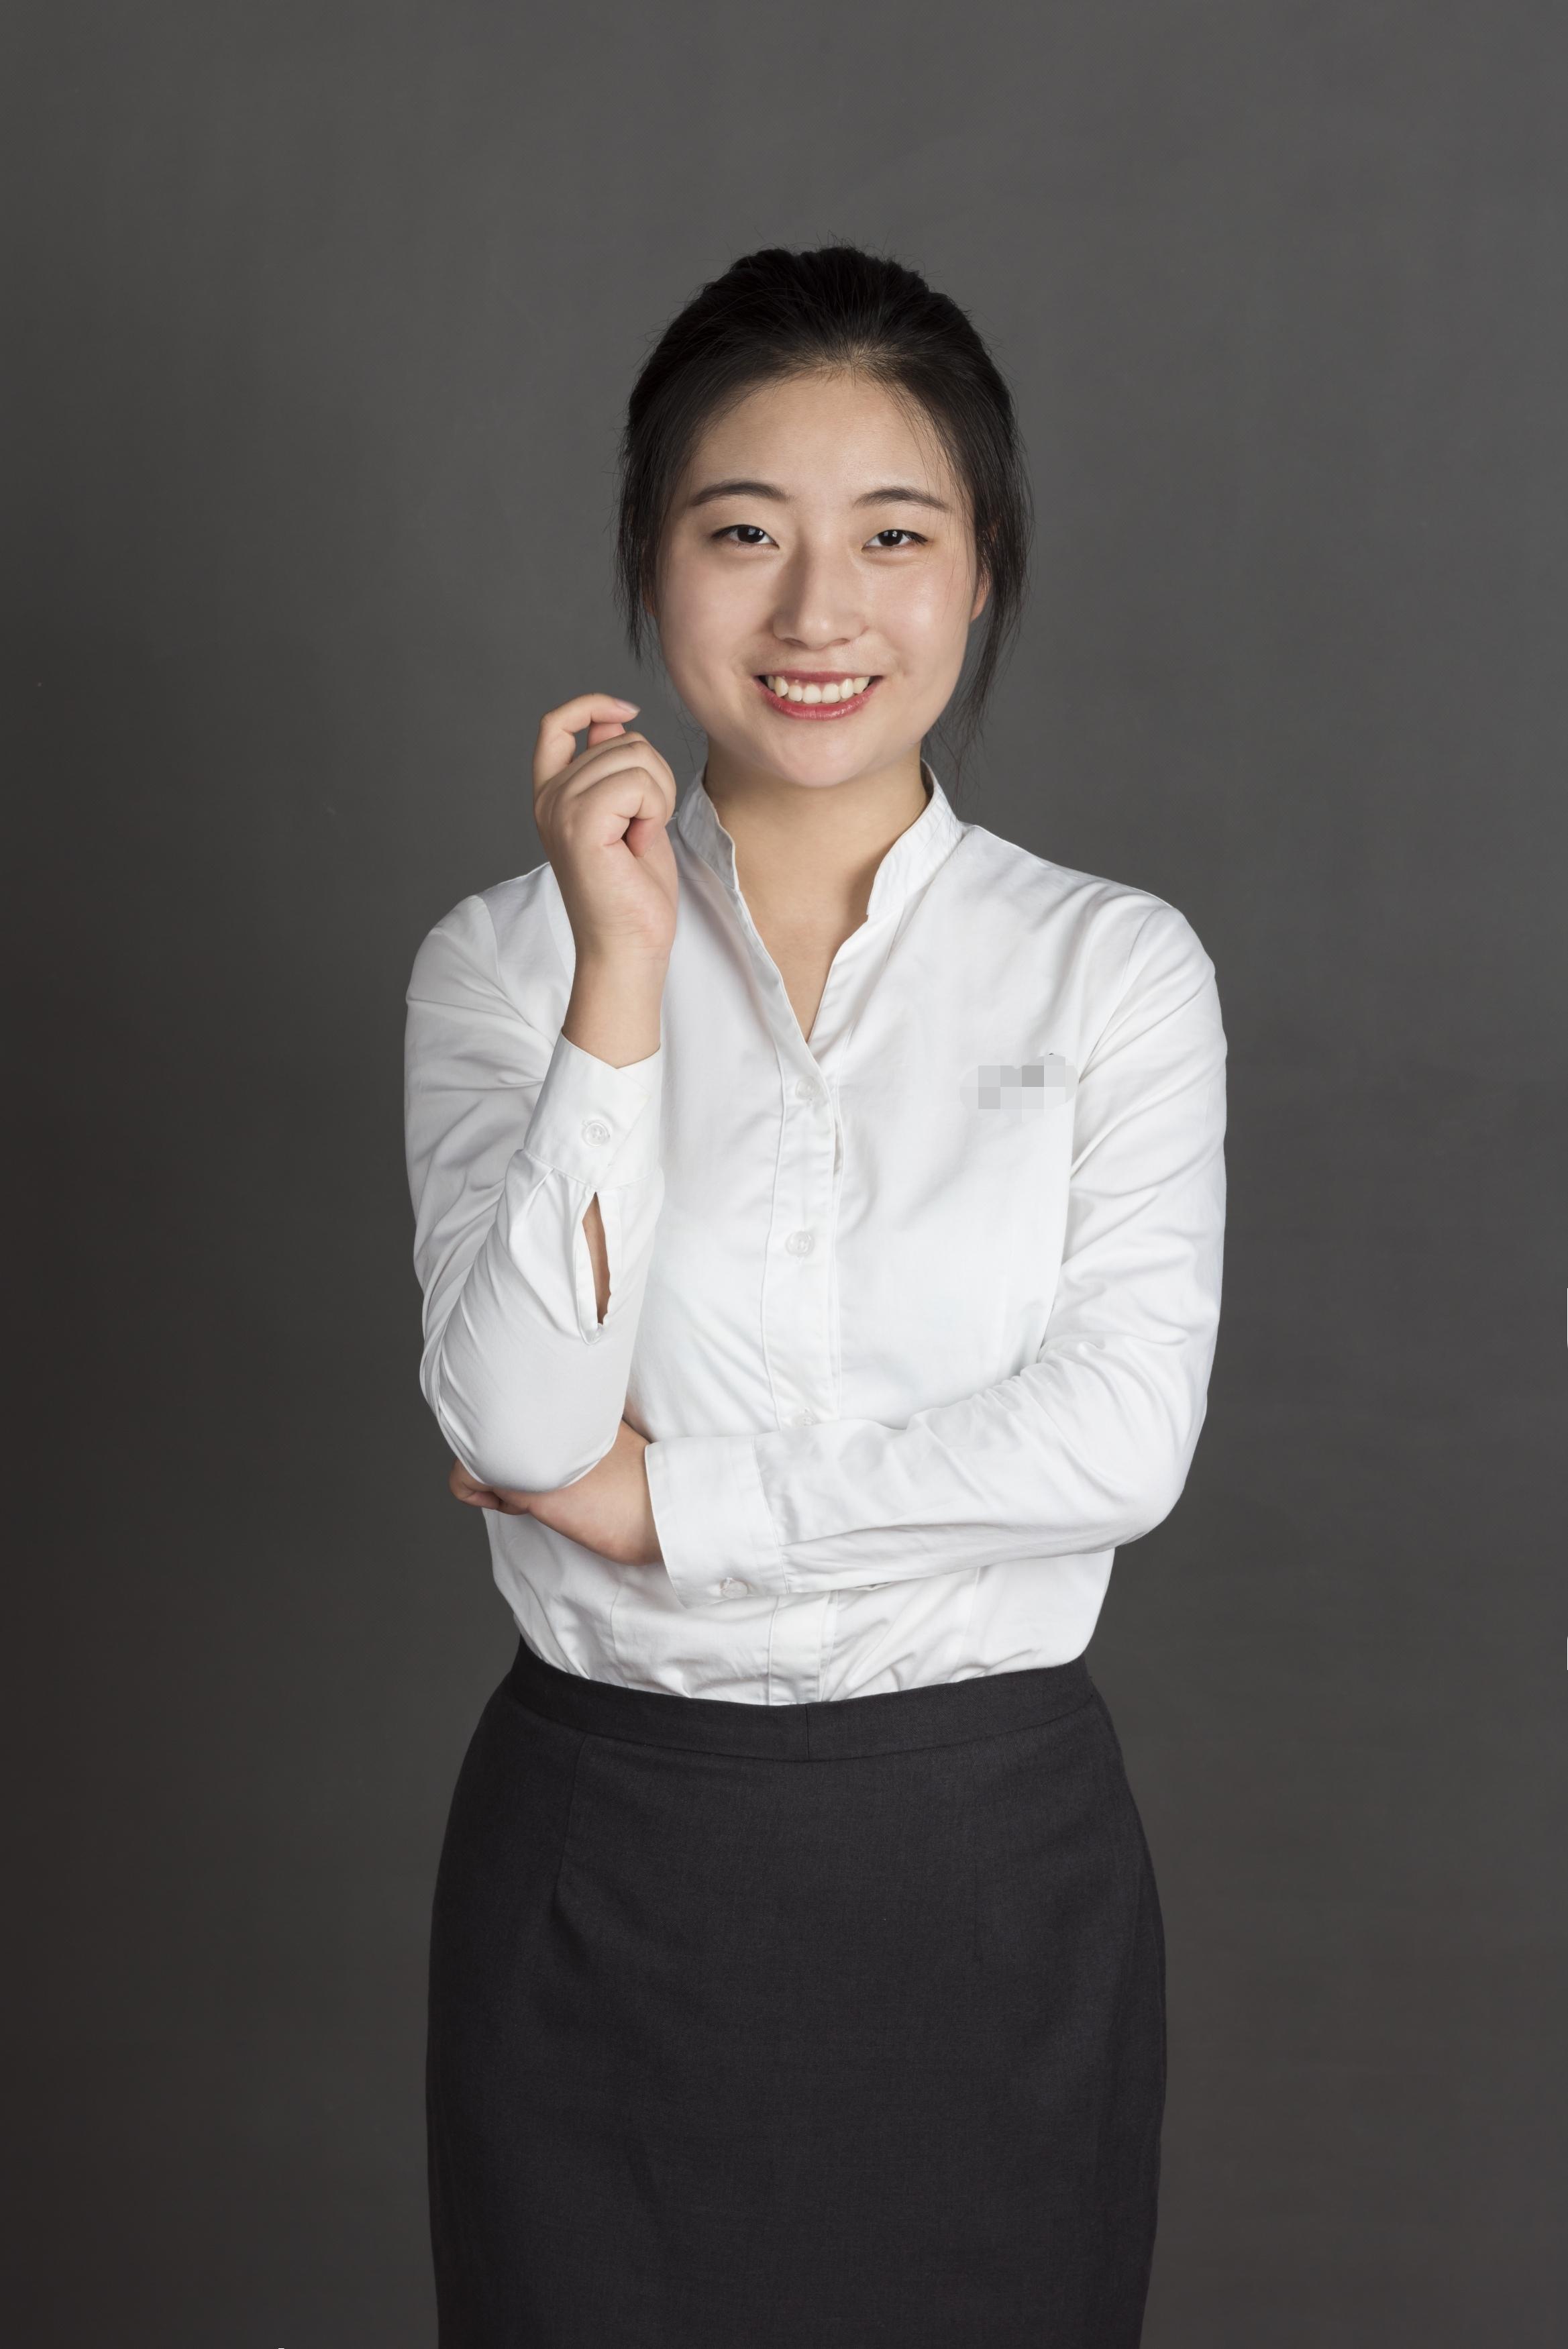 北京家教房教员